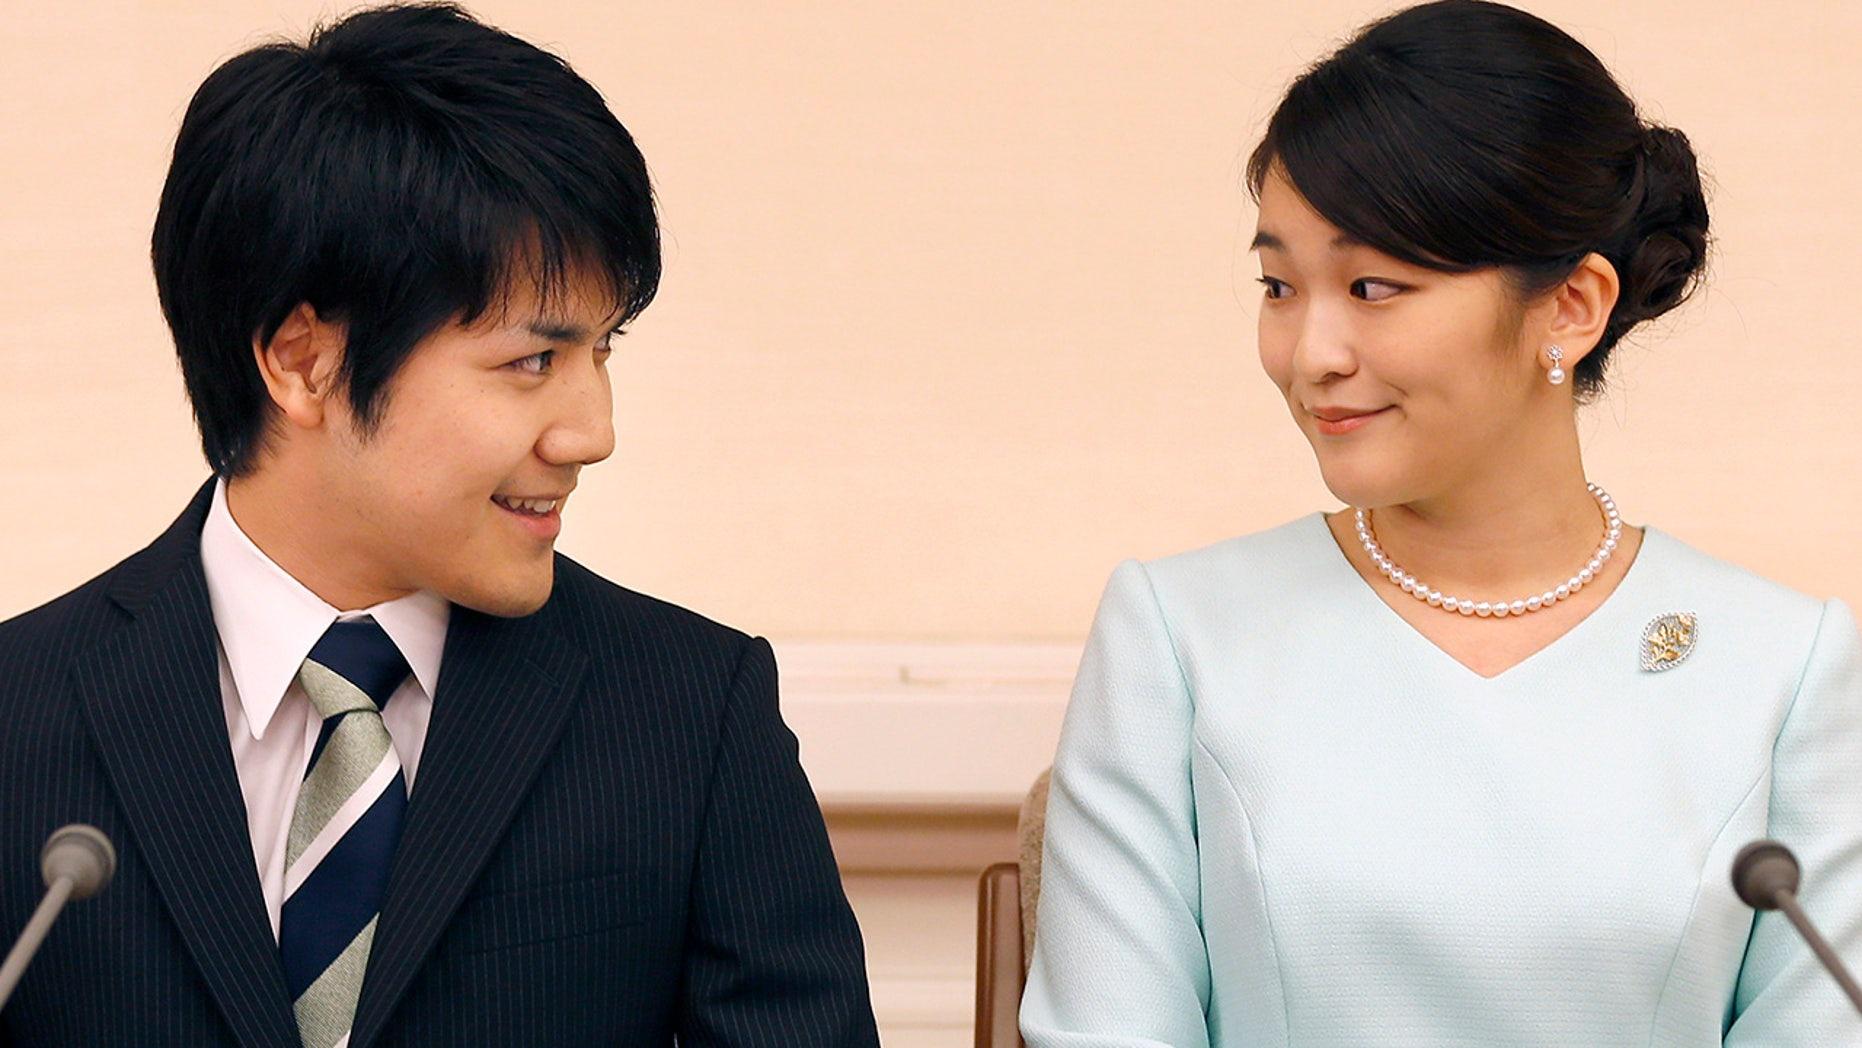 Công chúa Mako (phải) và vị hôn phu Kei Komuro vào năm 2017